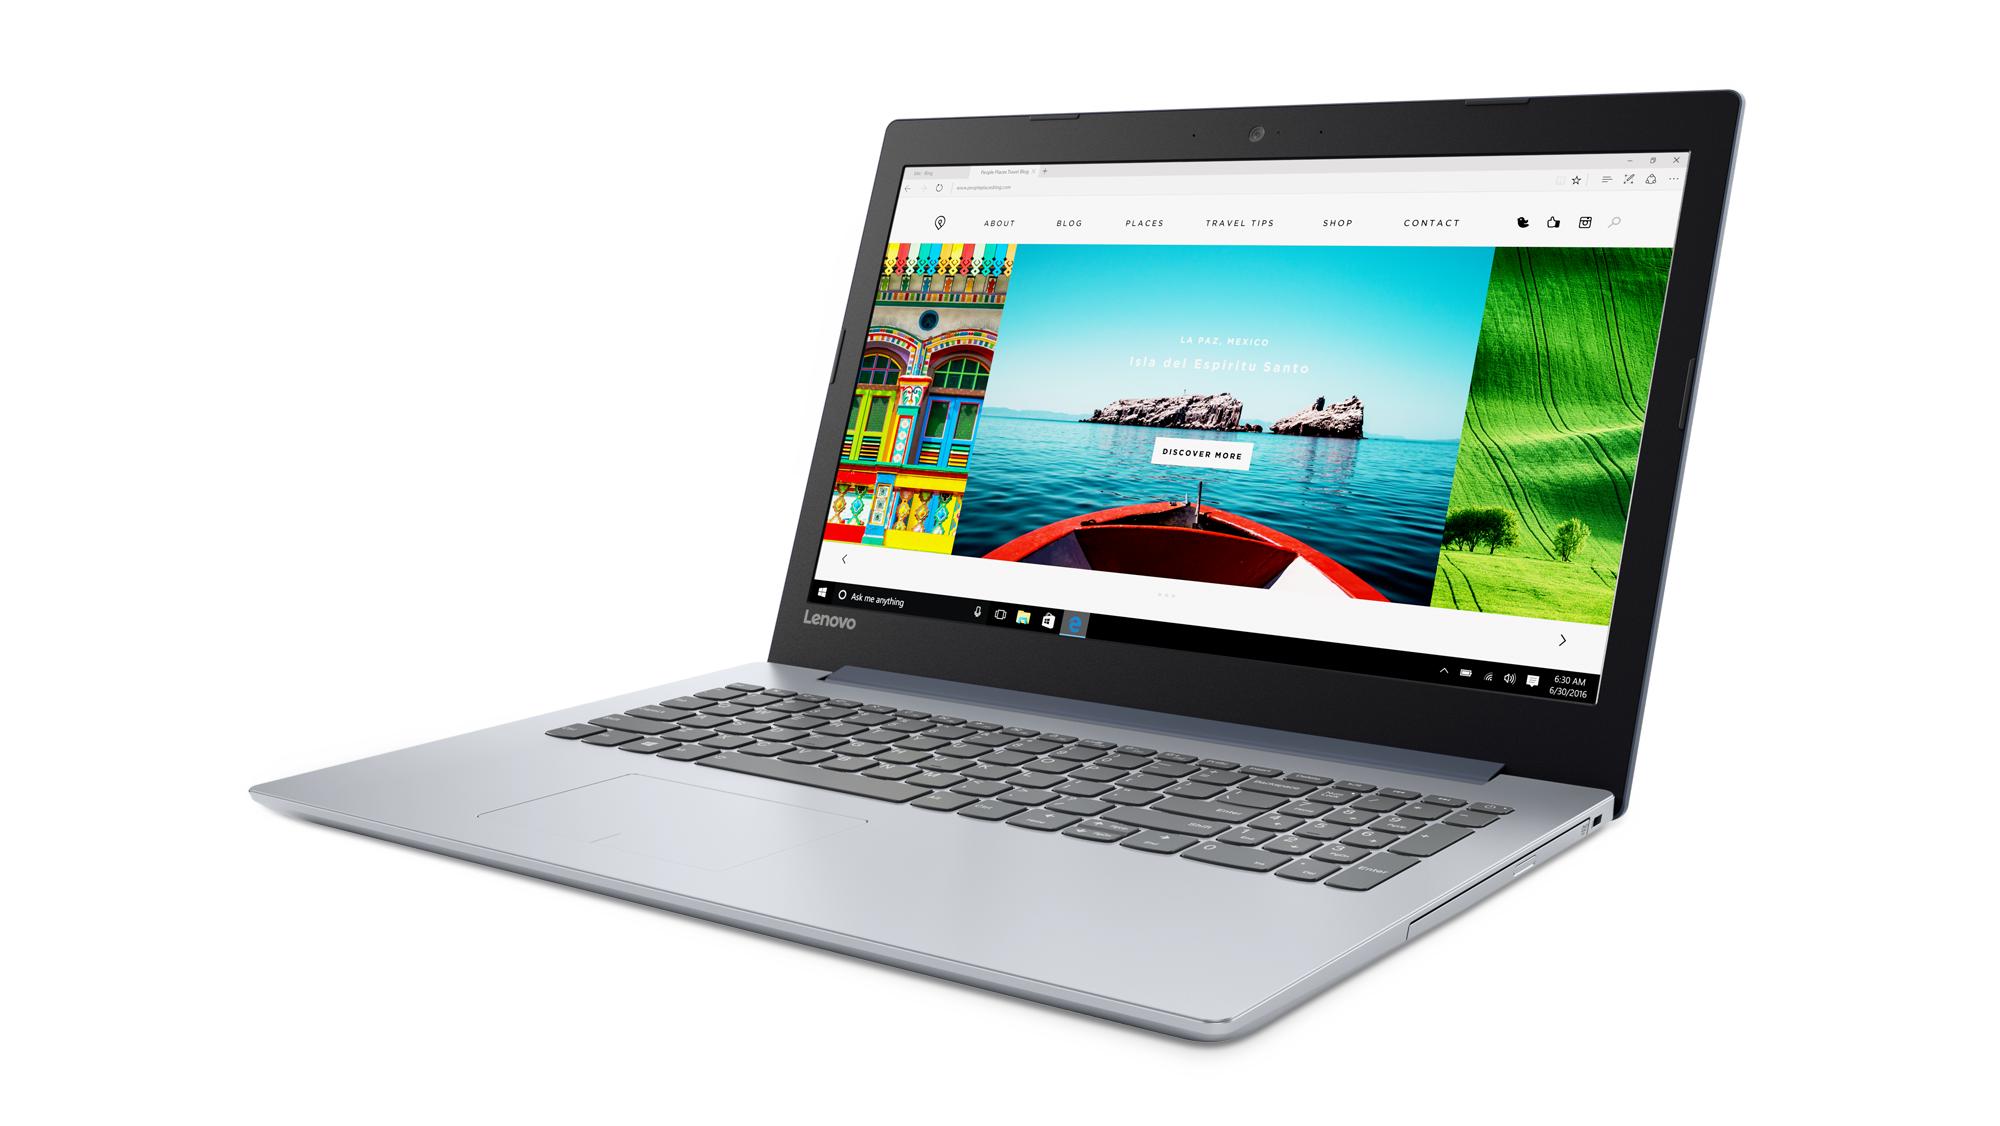 """Lenovo IdeaPad 320-15IKBN i3-7130U 2,70GHz/4GB/SSD 128GB/15,6"""" FHD/AG/GeForce 2GB/WIN10 modrá 80XL0367CK"""